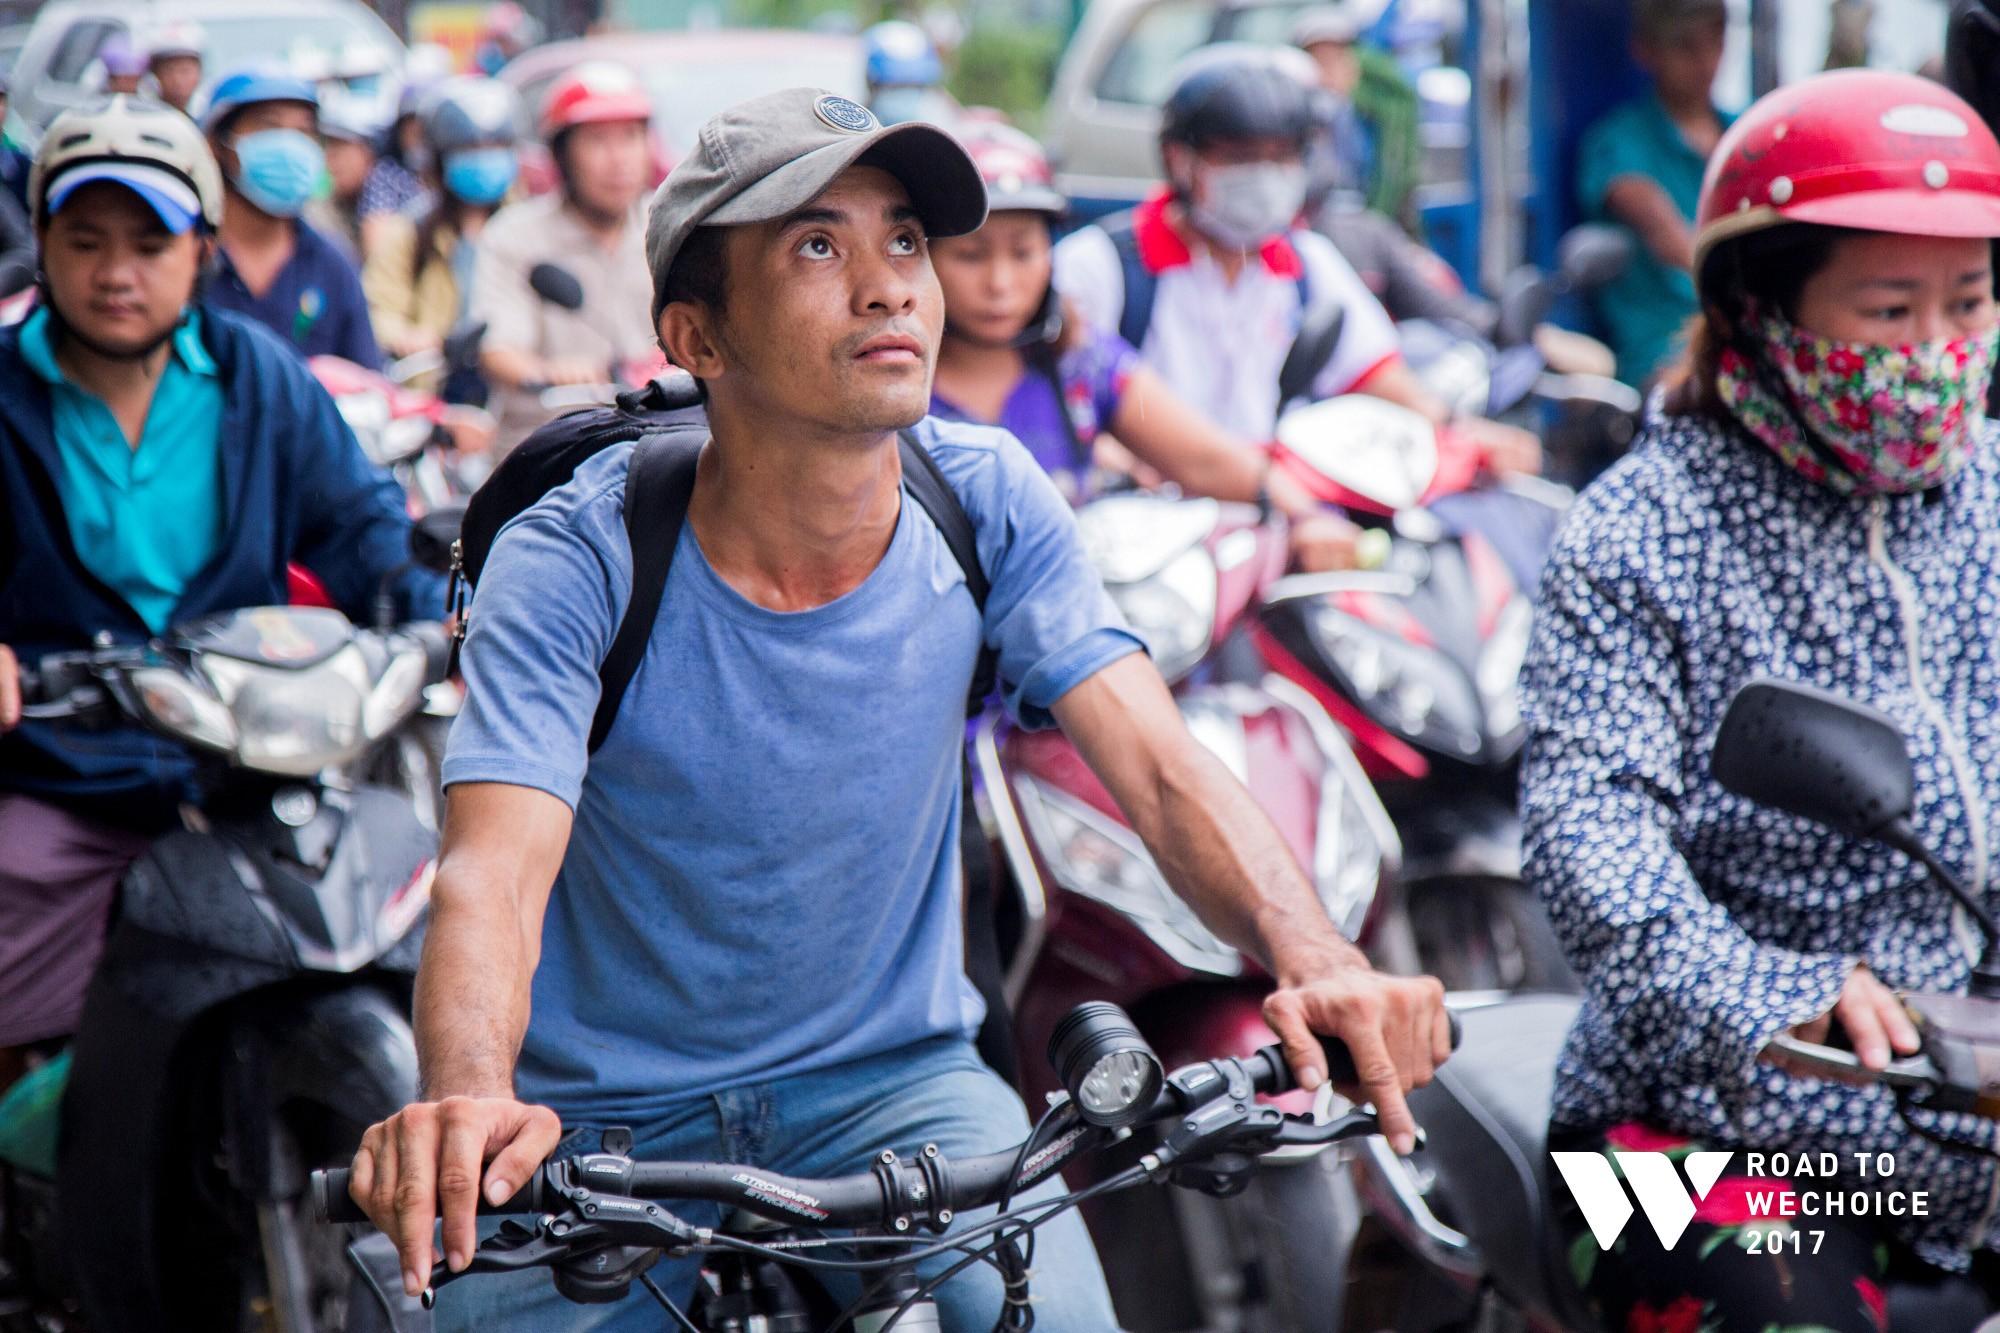 """Chuyện đời """"cũng bình thường thôi"""" của chàng shipper khuyết tật miệt mài đạp xe giao hàng khắp Sài Gòn - Ảnh 2."""